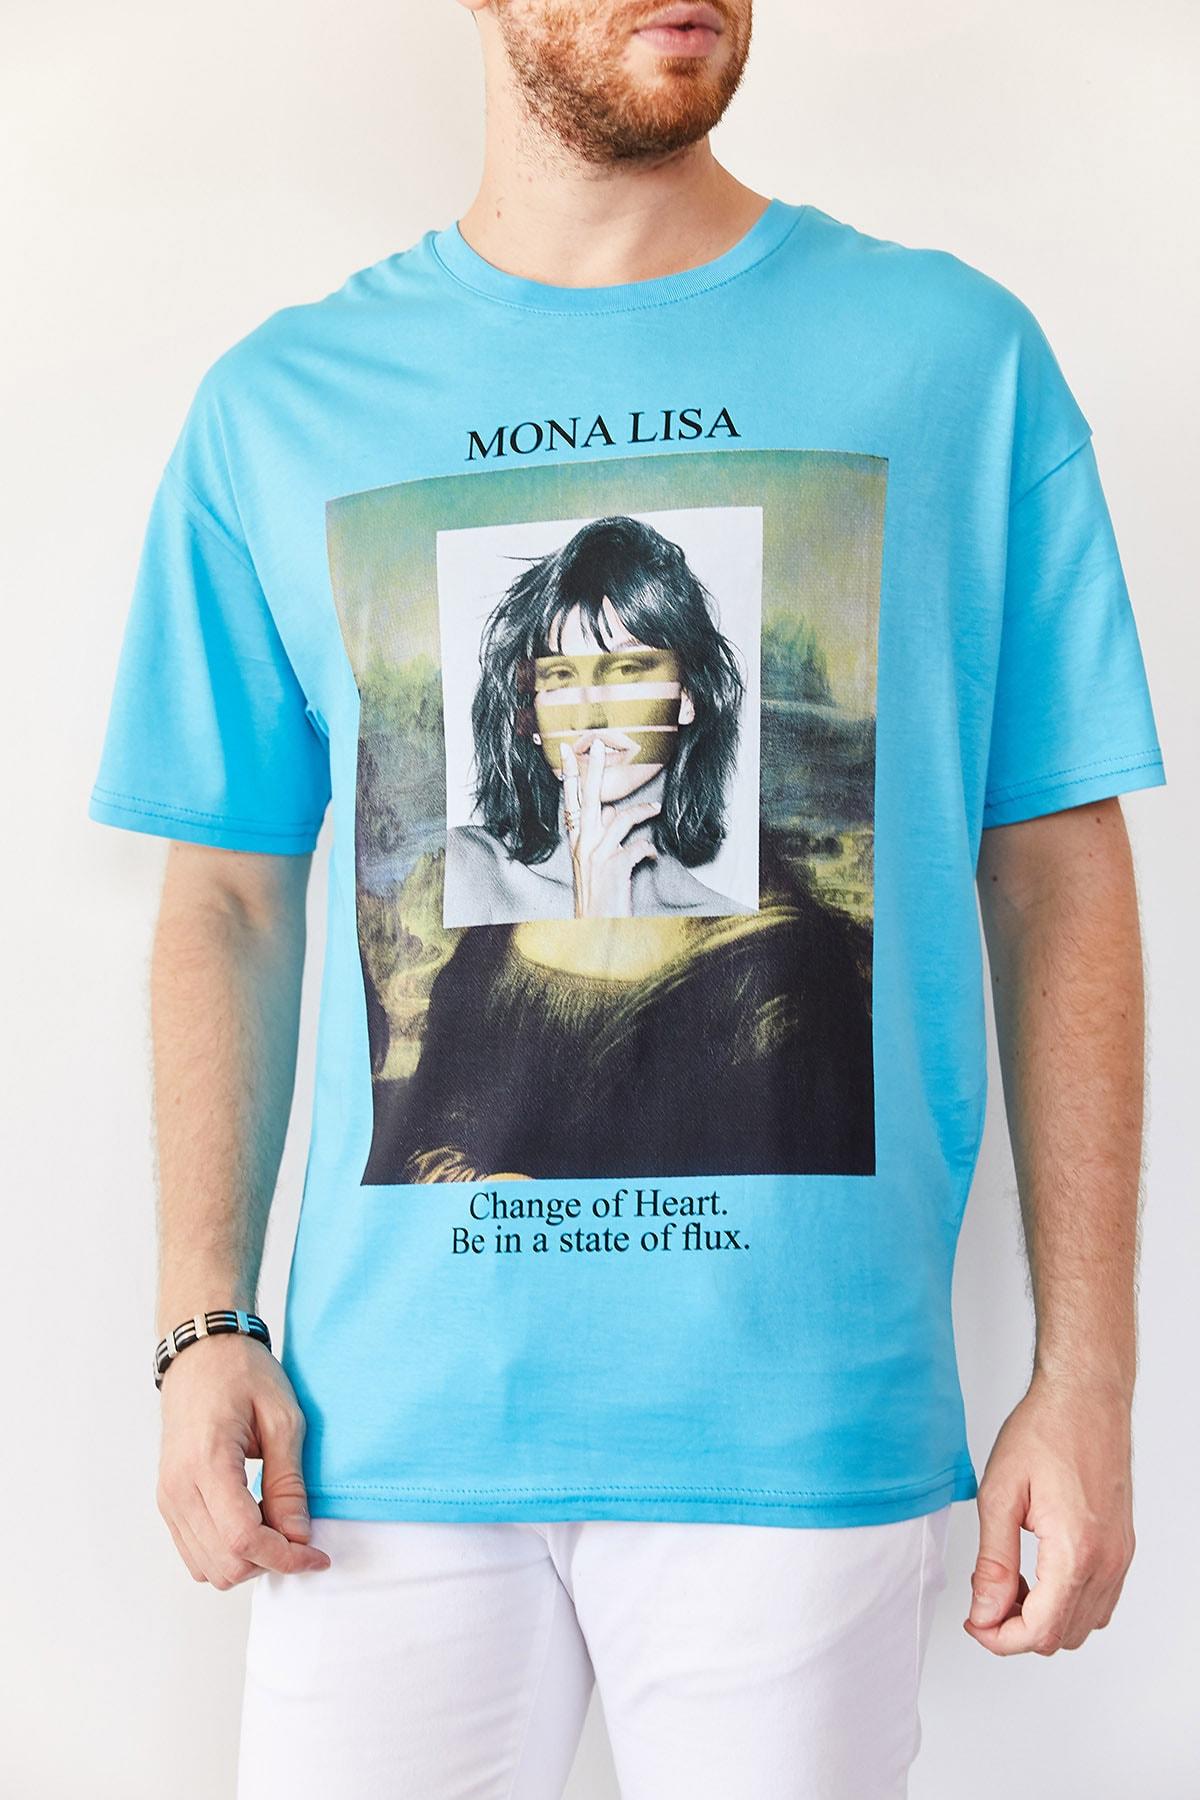 XHAN Erkek Turkuaz Baskılı Salaş T-shirt 0yxe1-44016-13 1